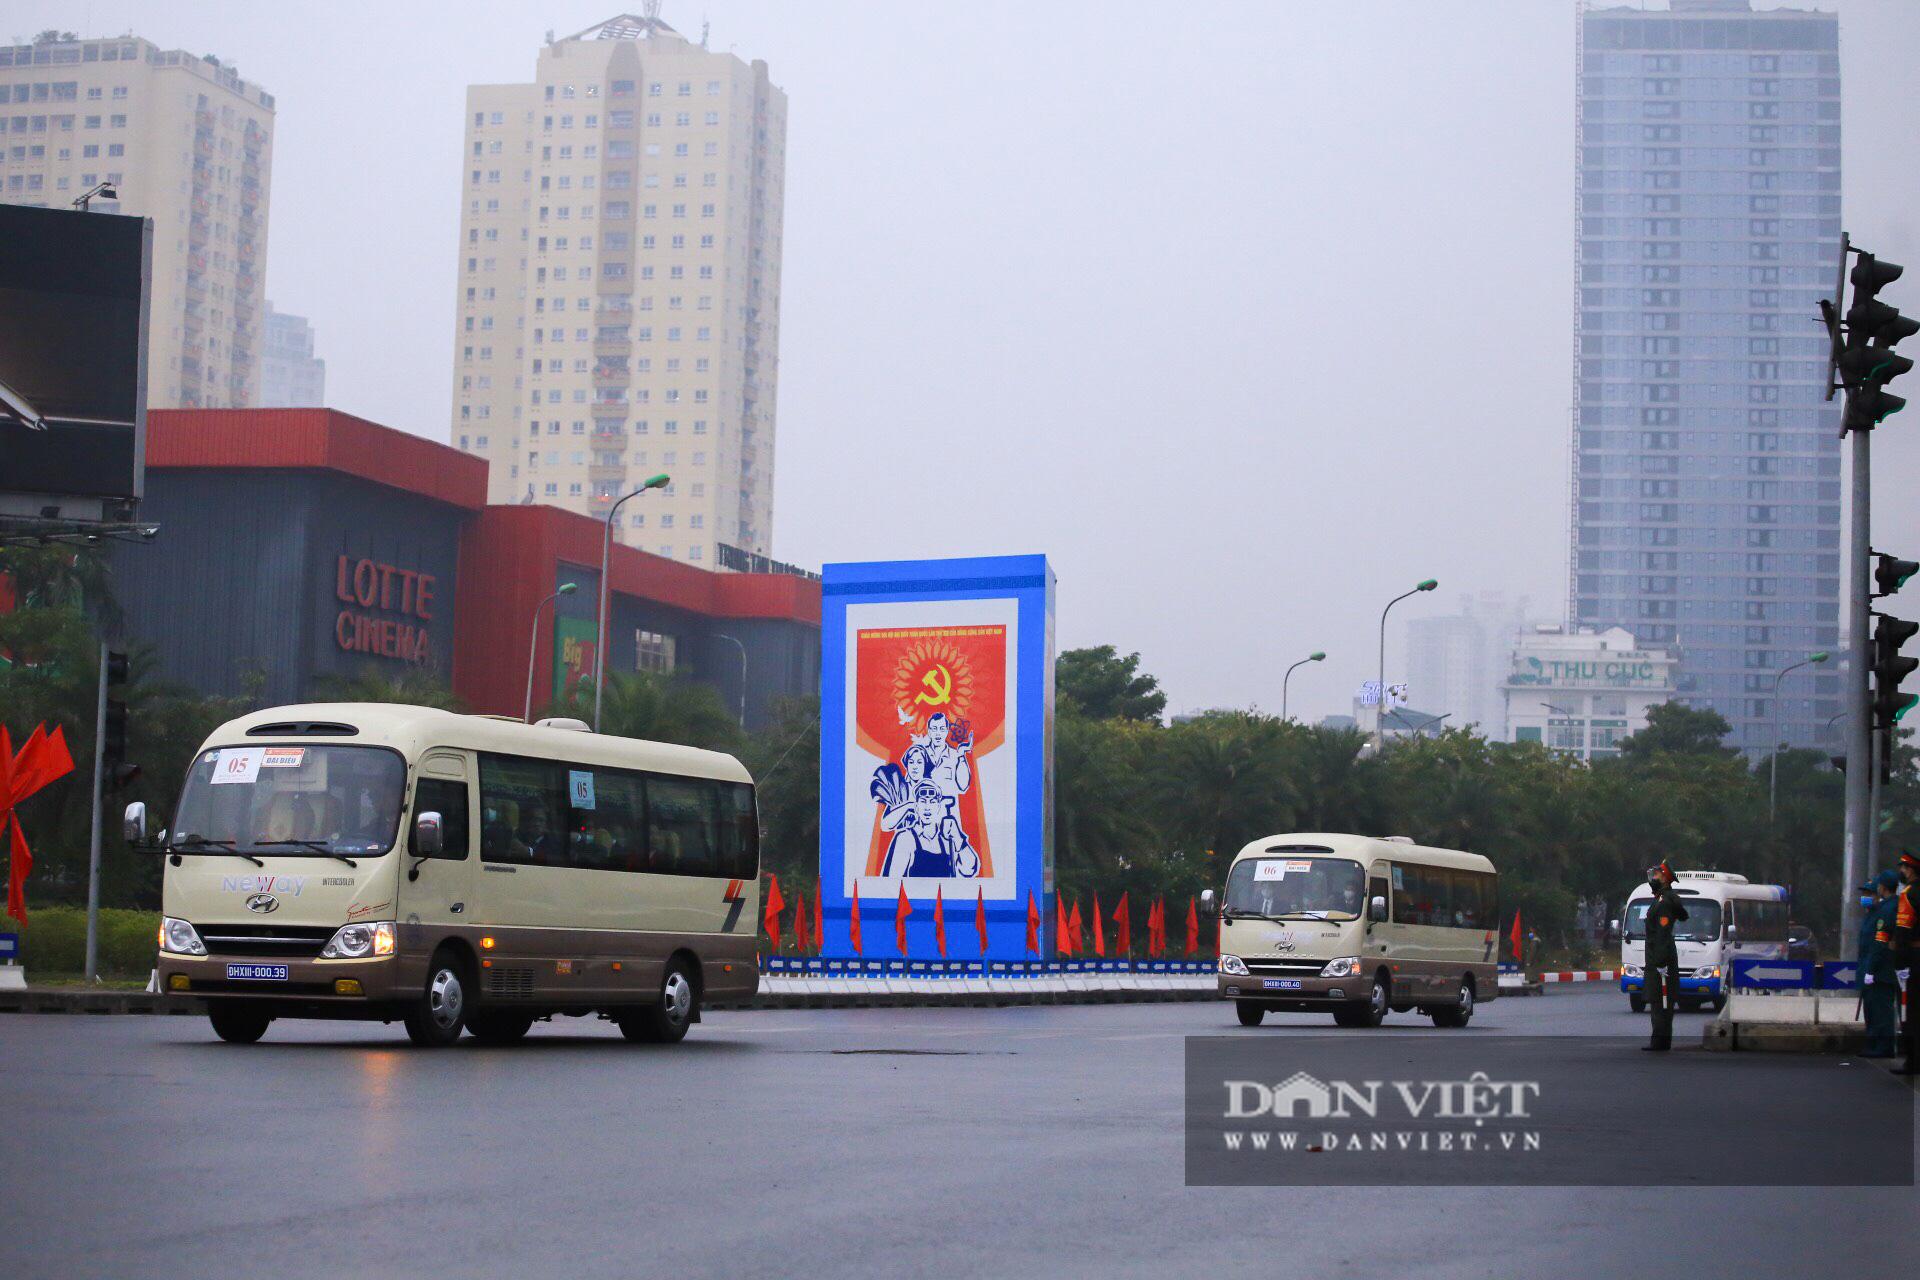 Hình ảnh đoàn xe đại biểu từ Lăng Bác về Trung tâm Hội nghị Quốc gia - Ảnh 15.